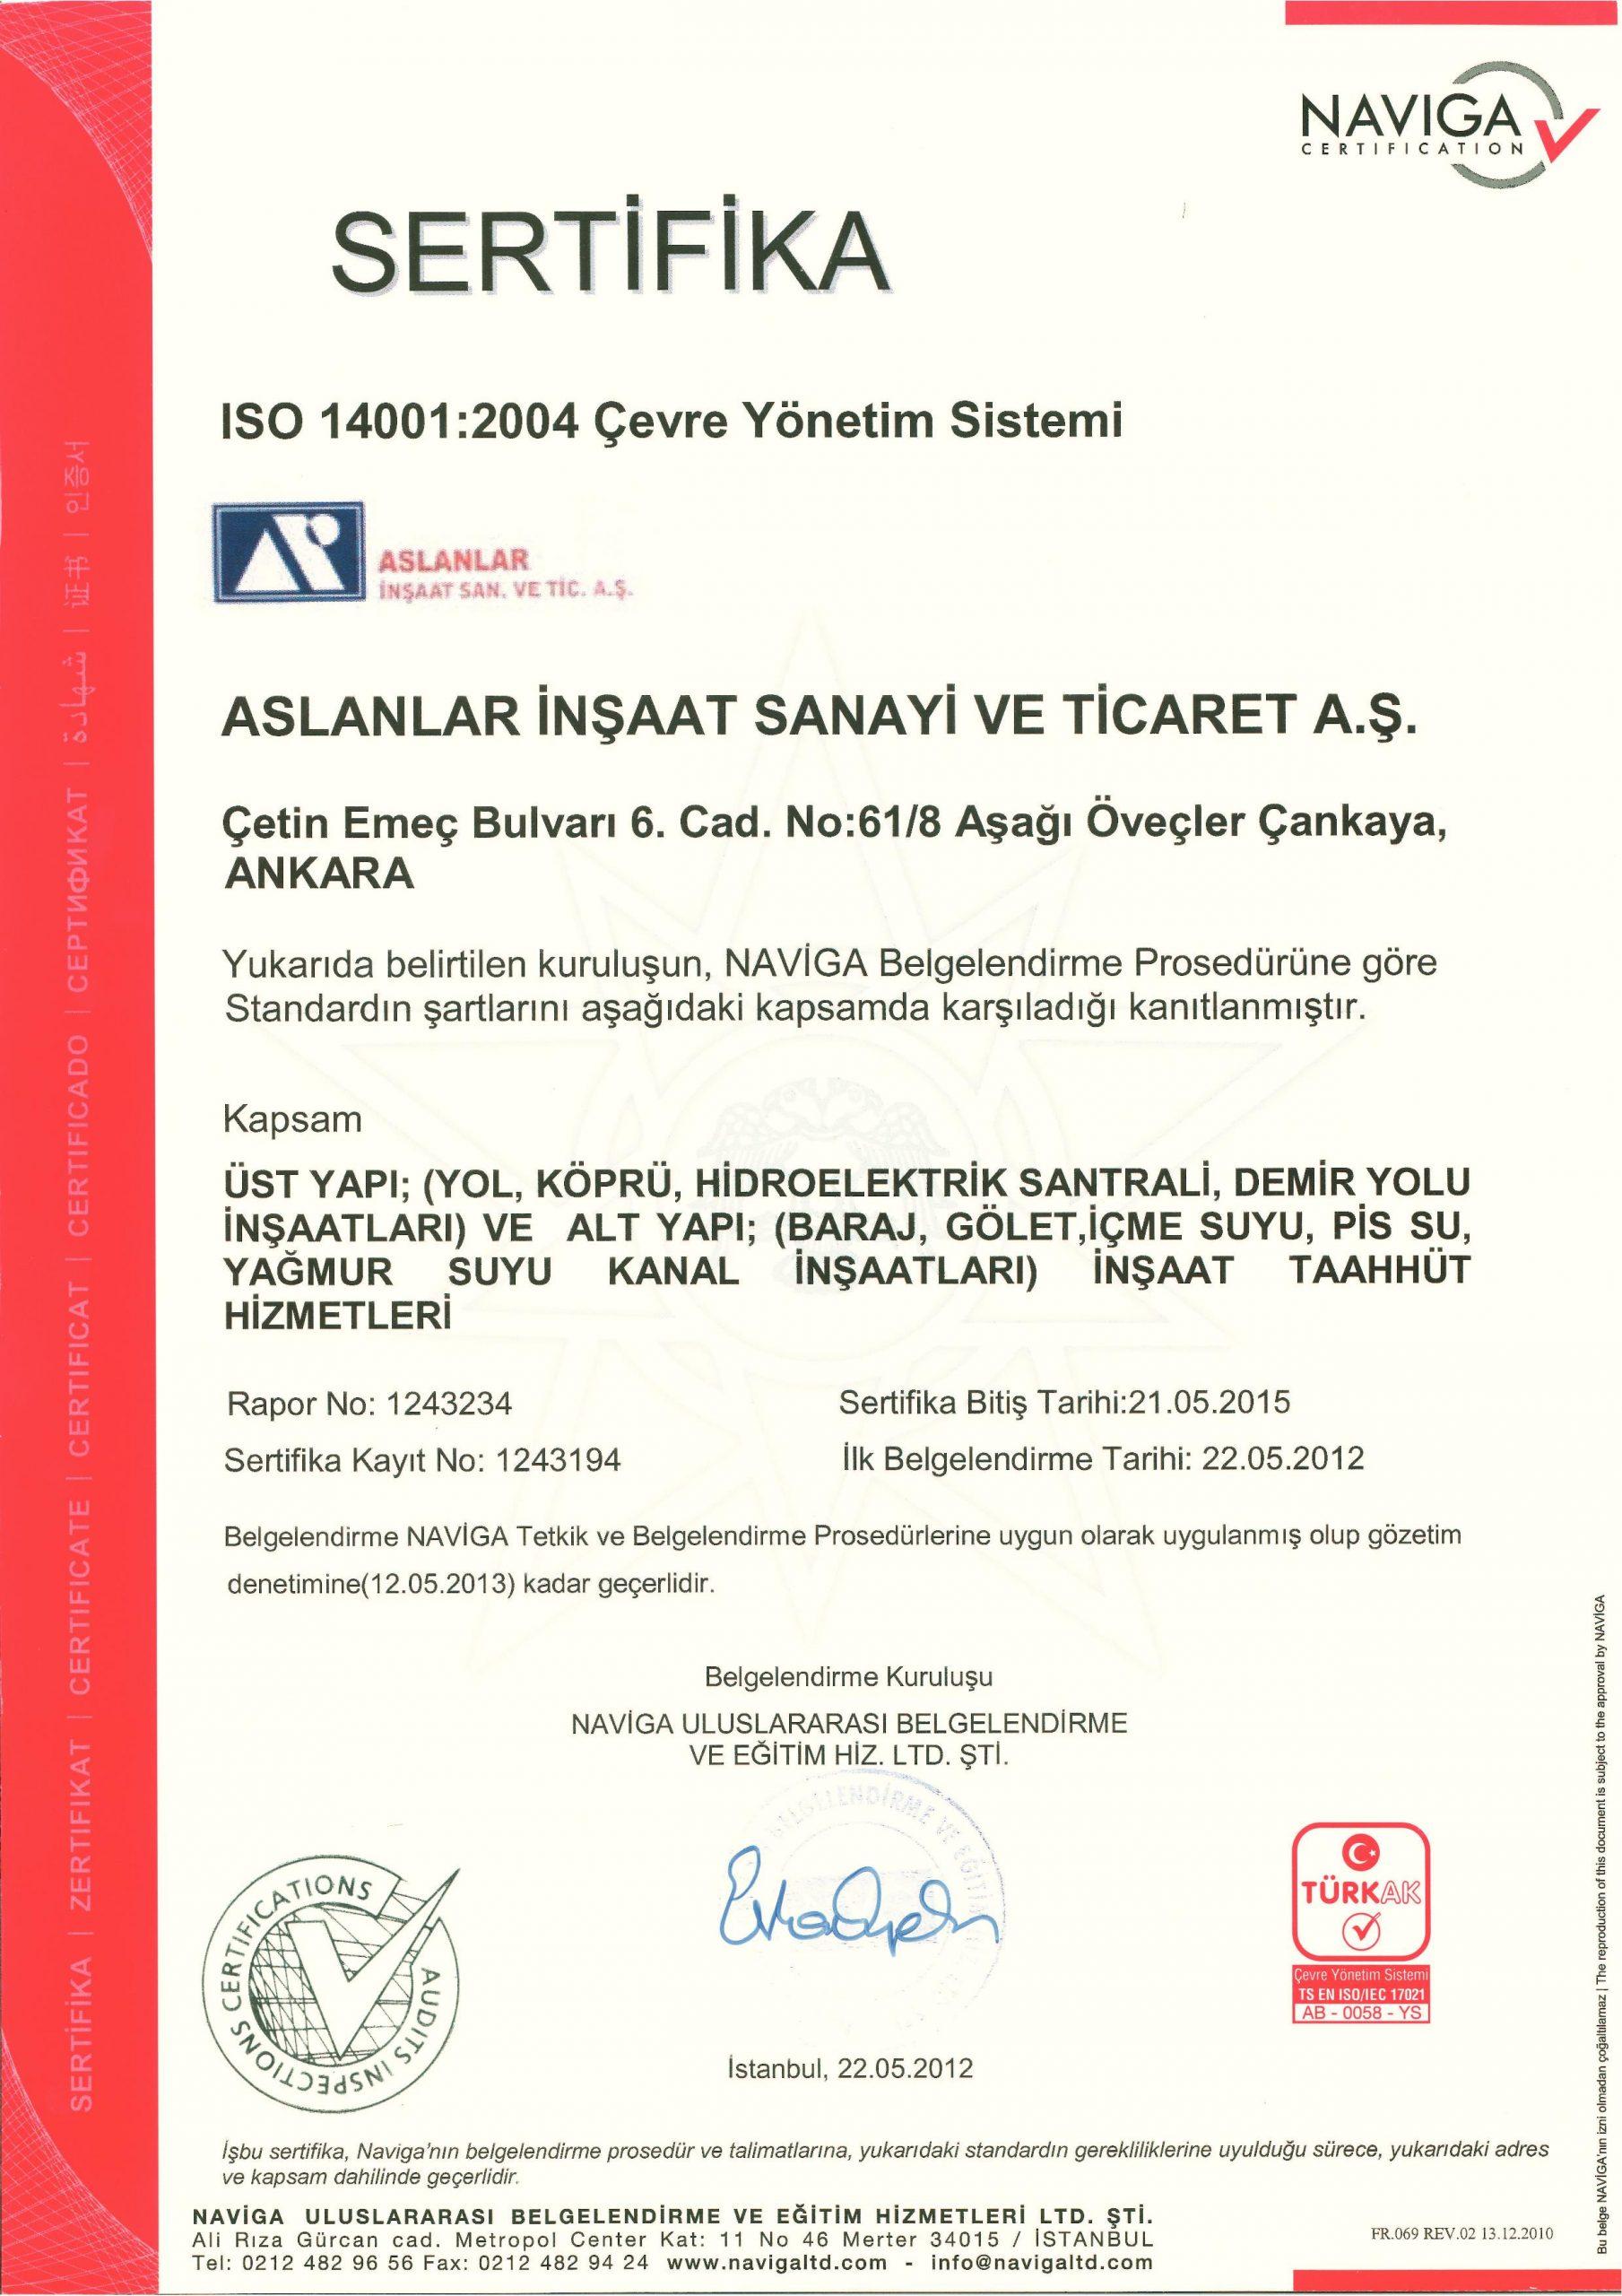 İSO 1401:2004 Çevre Yönetim Sistemi